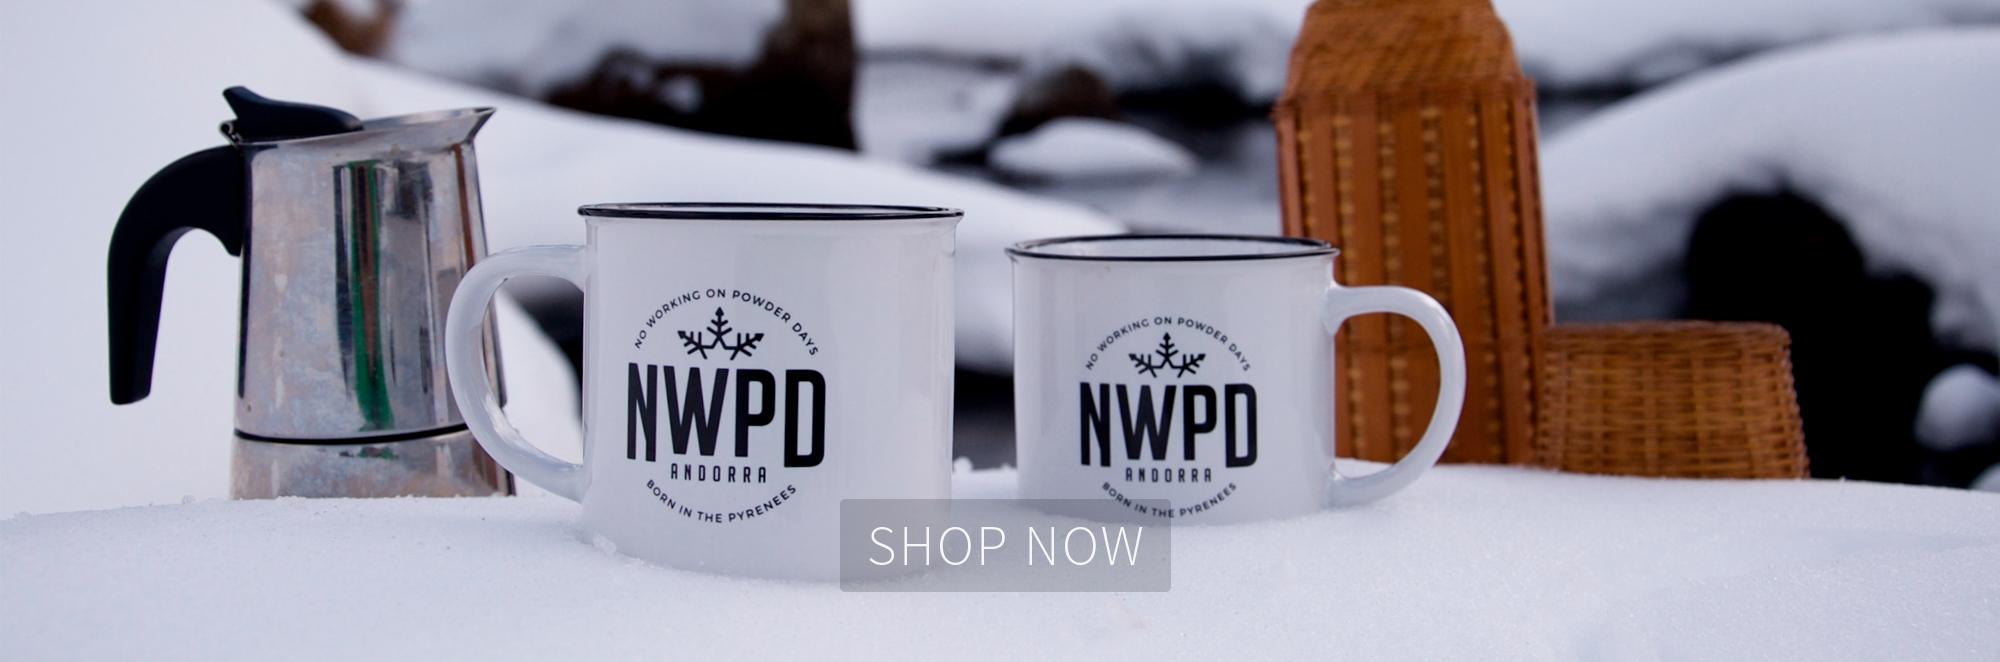 NWPD-Slide-18-vintage-mug